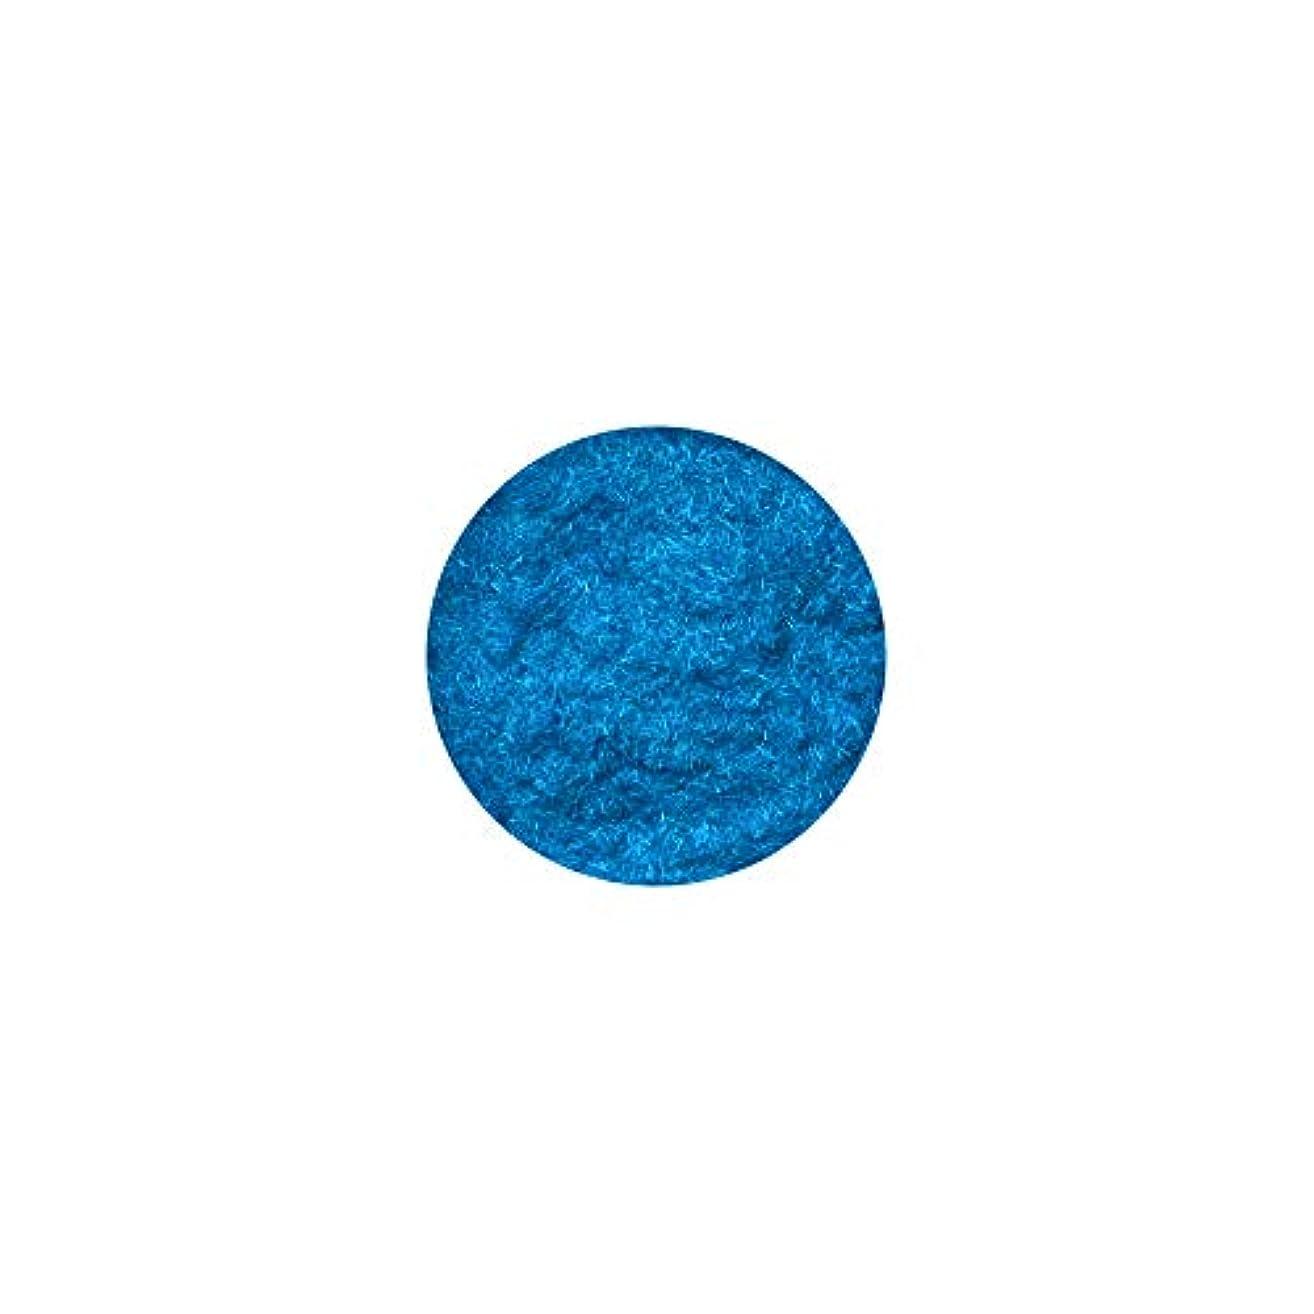 はしご金銭的な最小化するベルベットパウダー[ターコイズブルー] フェルト ジェルネイル